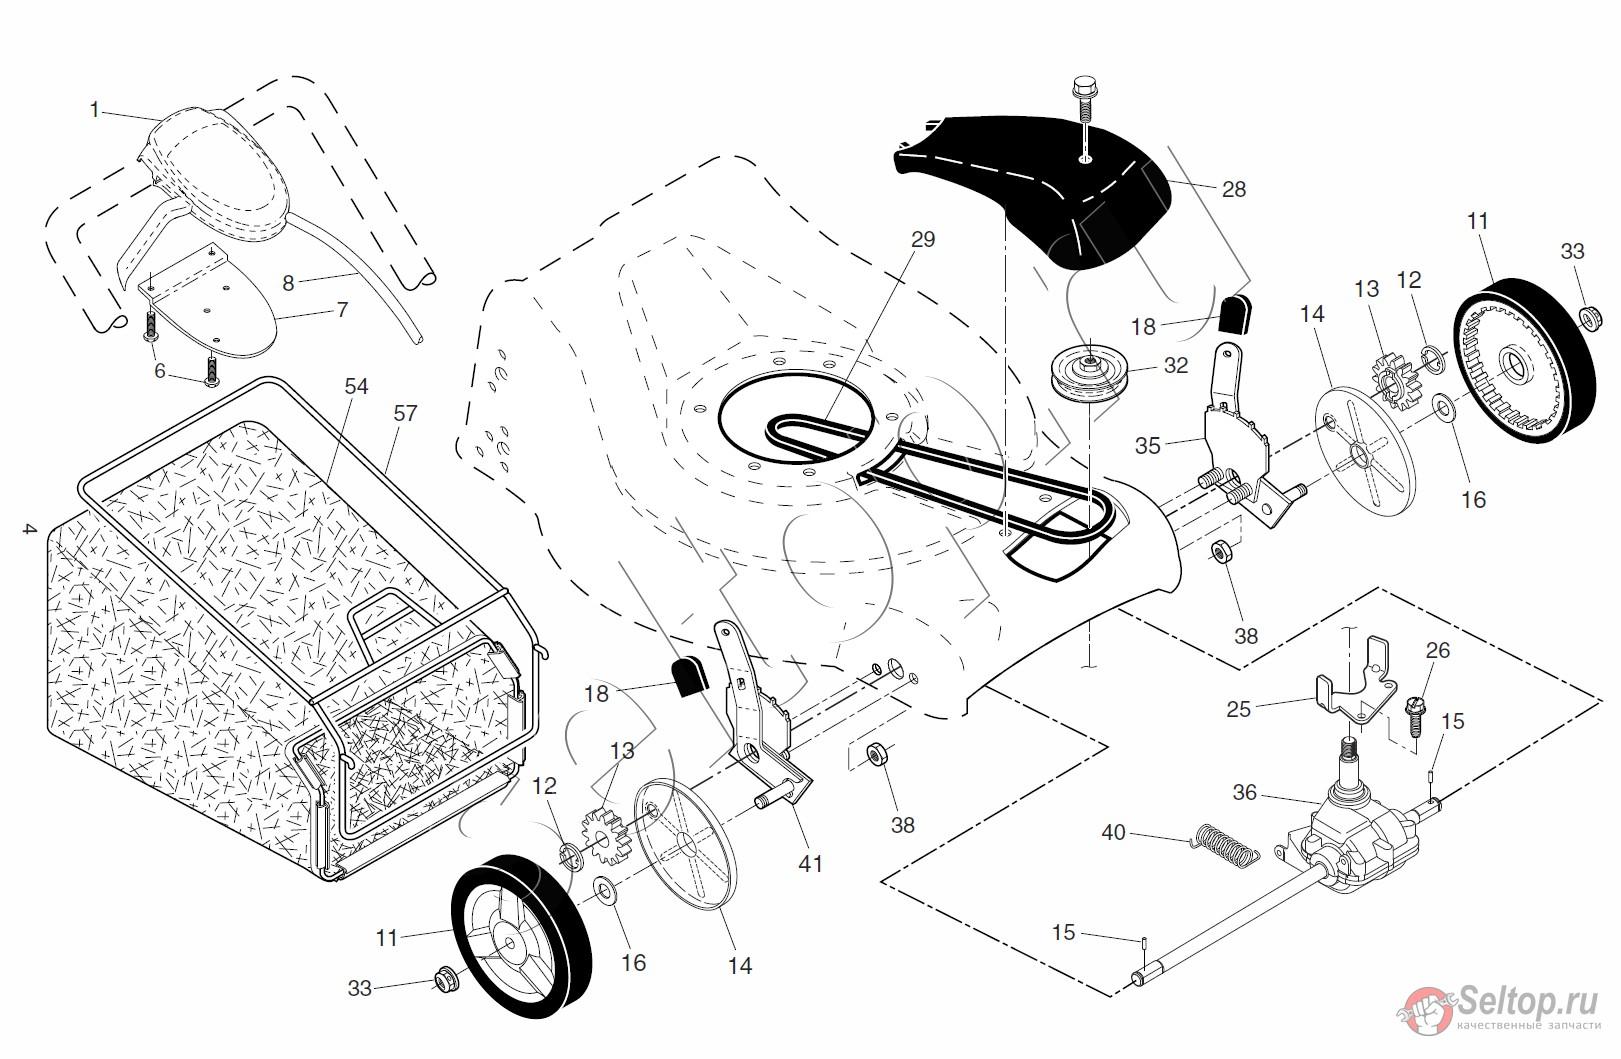 Бензиновая газонокосилка ремонт своими руками 13